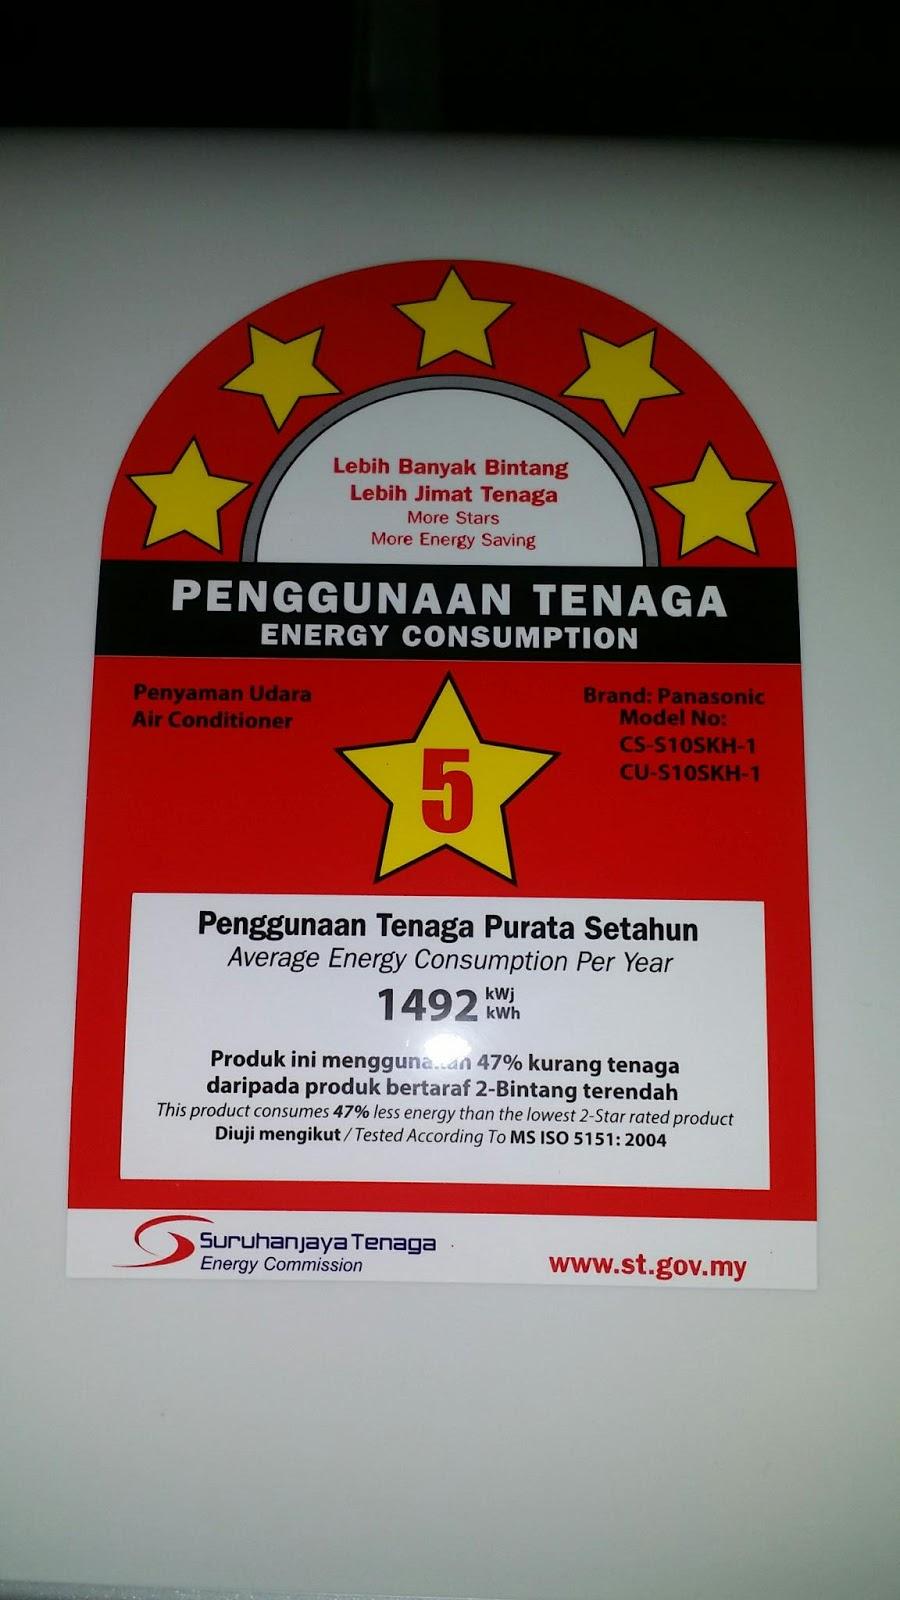 Sini Untuk Tips Dan Rujukan Tentang Penjimatan Kos Elektrik Dalam Cara Penggunaan Air Cond